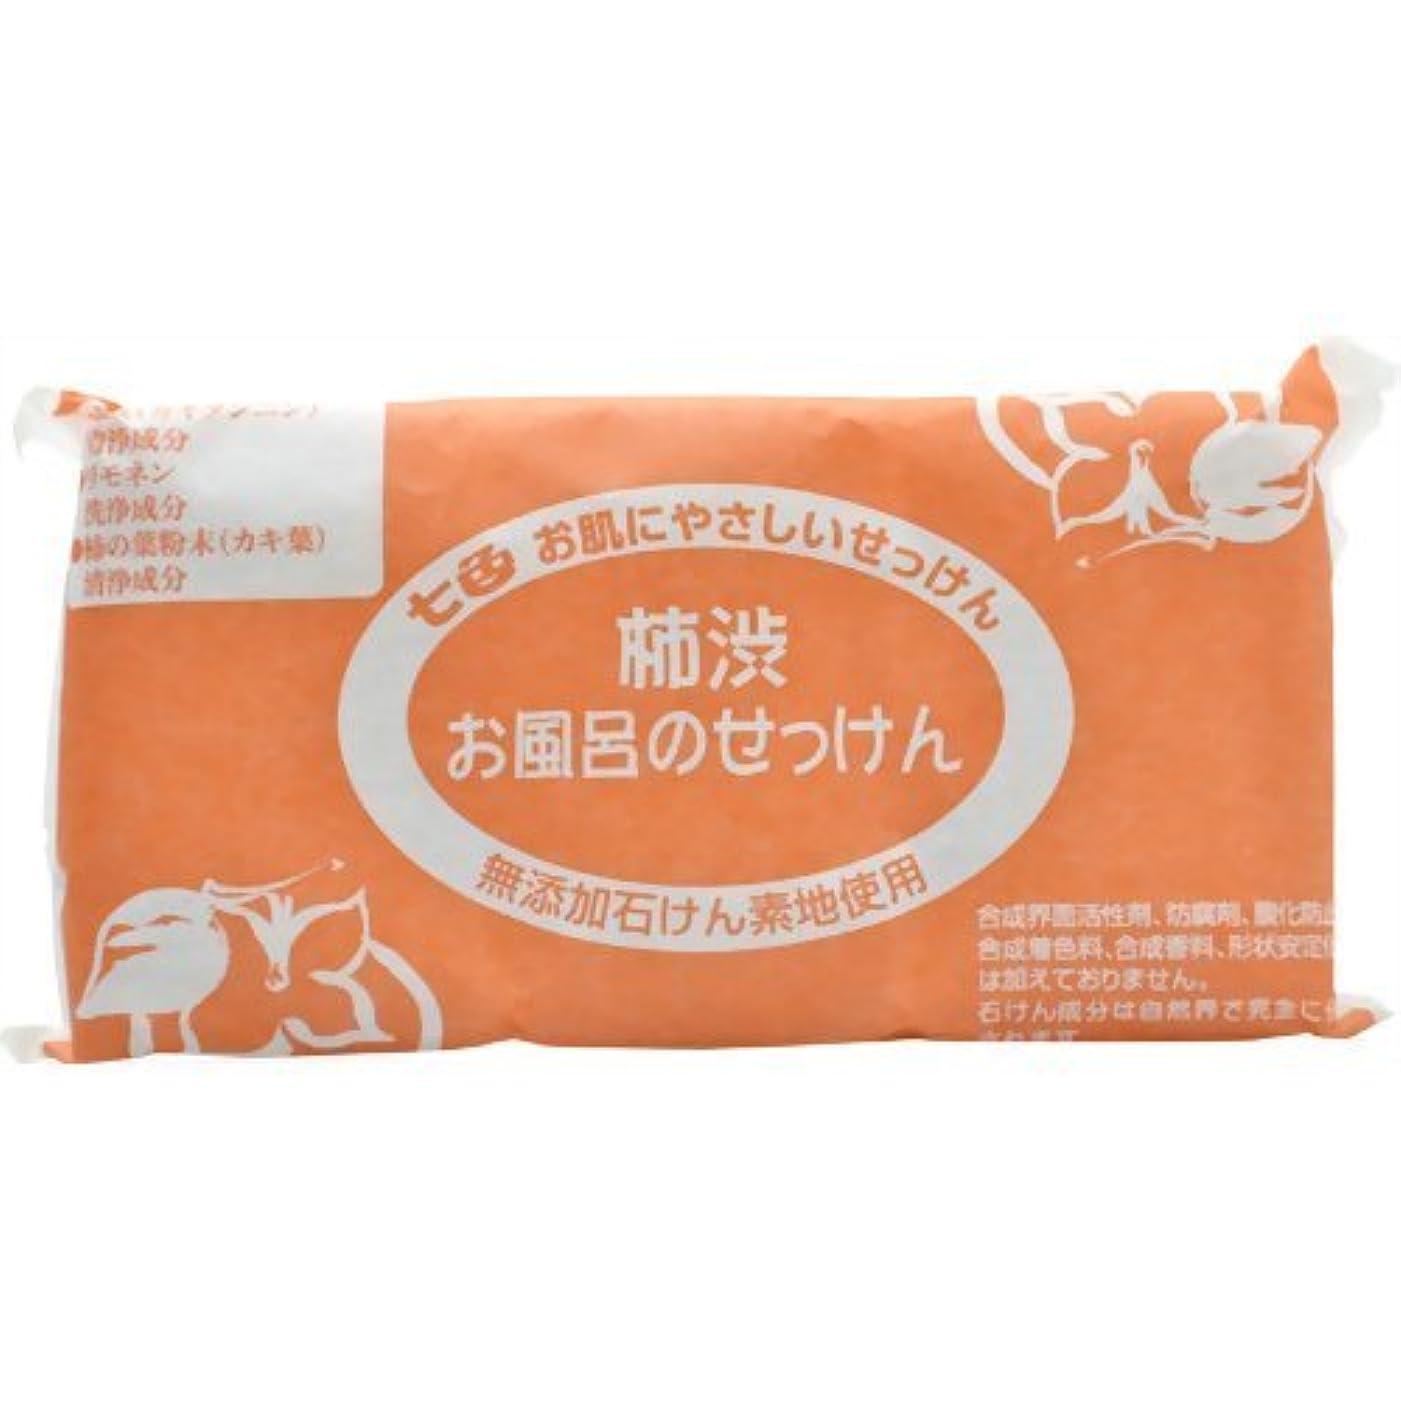 裏切りデコレーションレッドデート七色 お風呂のせっけん 柿渋(無添加石鹸) 100g×3個入